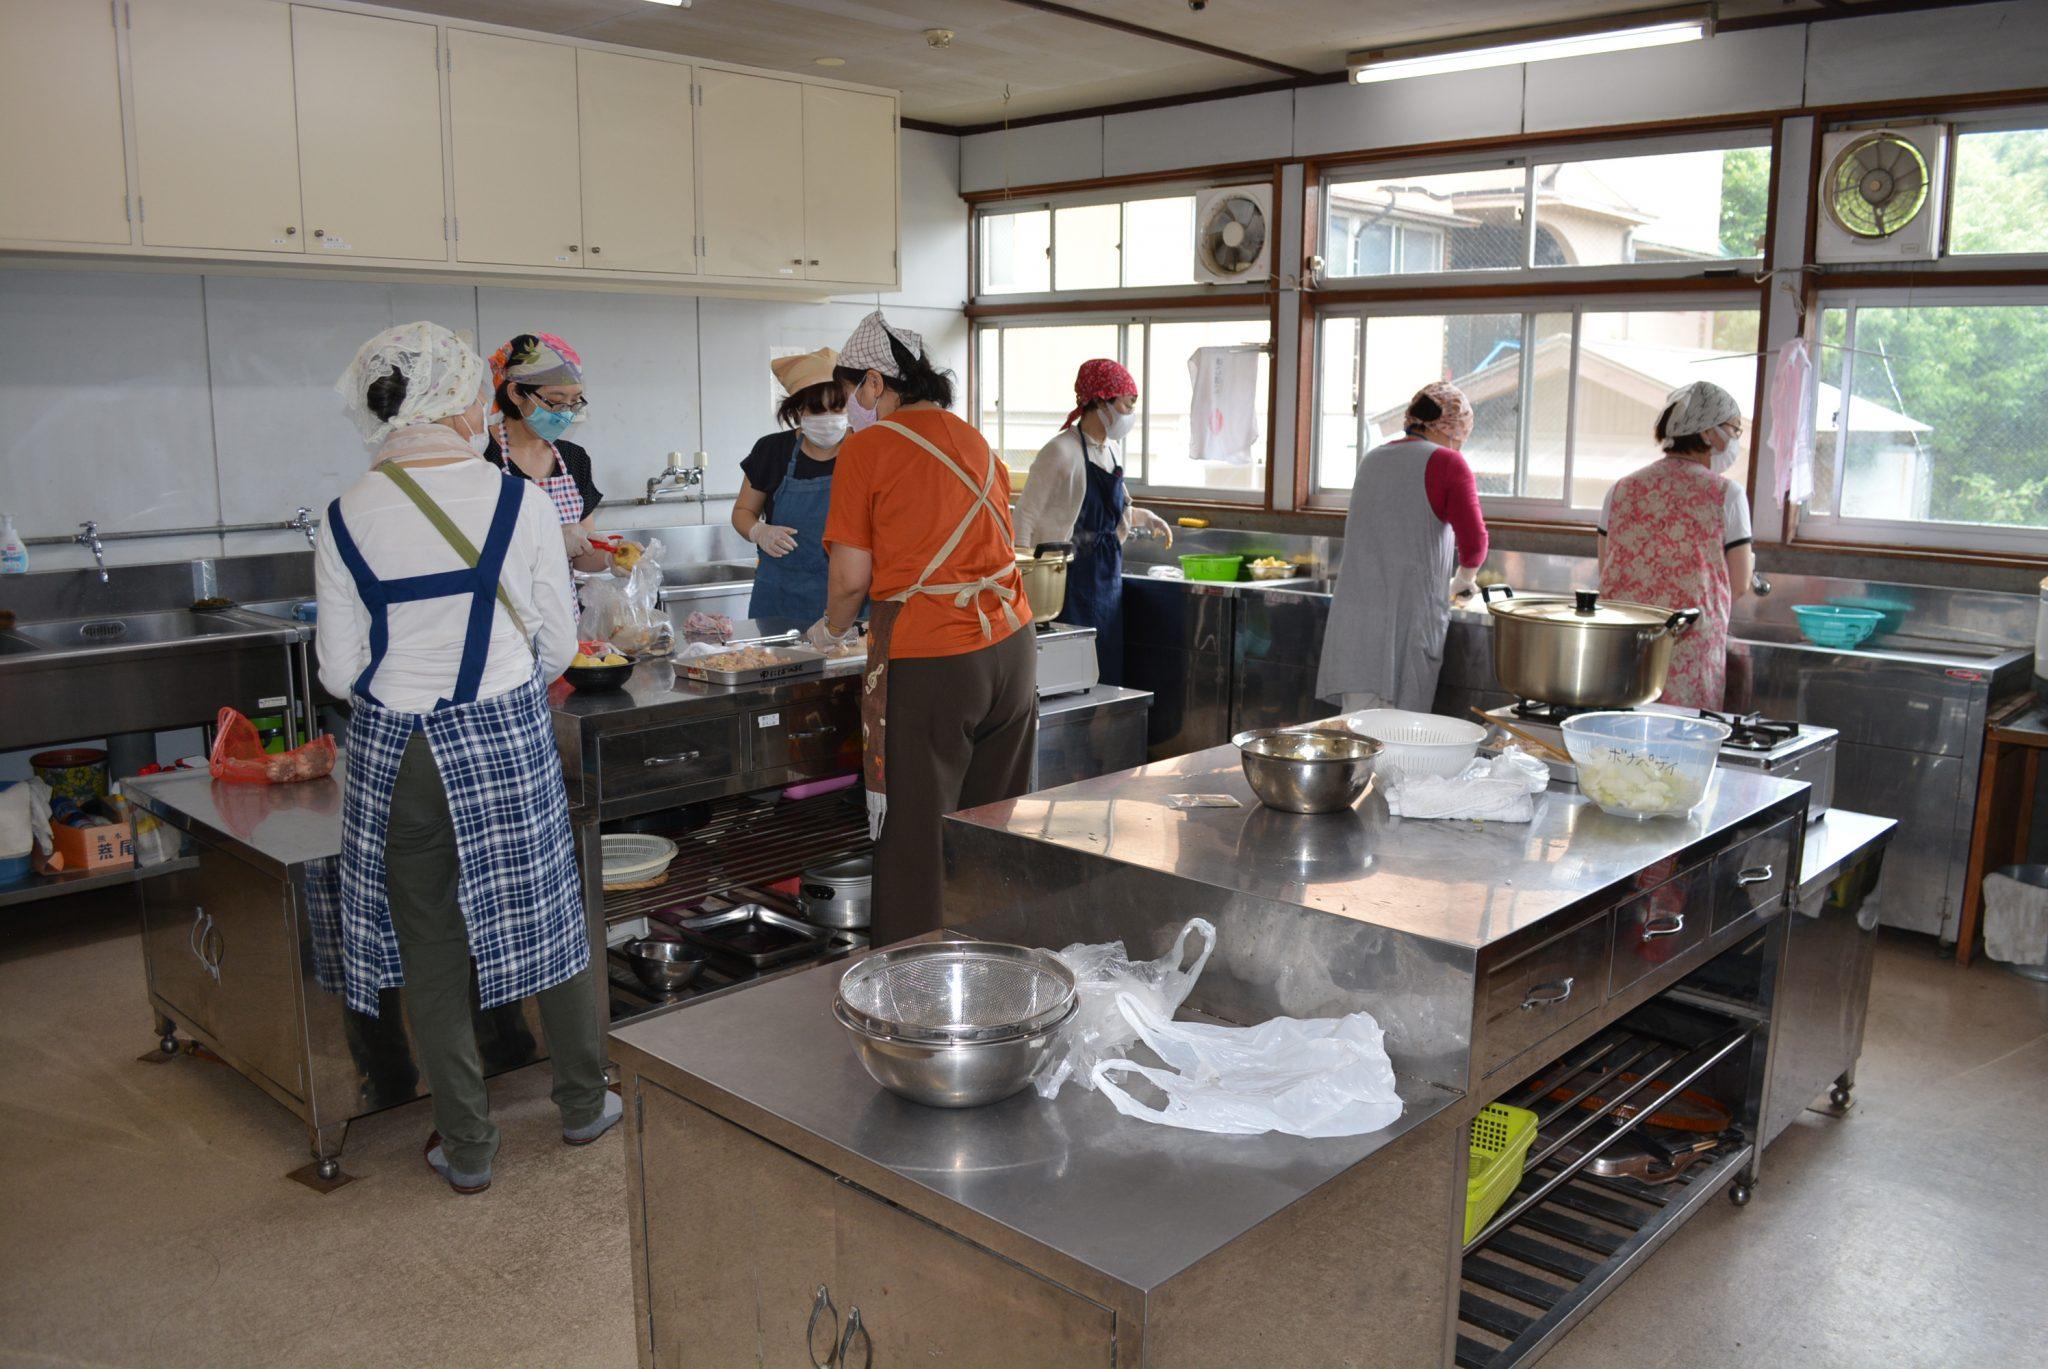 ボナペティ 久留米 フードドライブ 多世代食堂 ぎおんさんの森食堂カレー作り